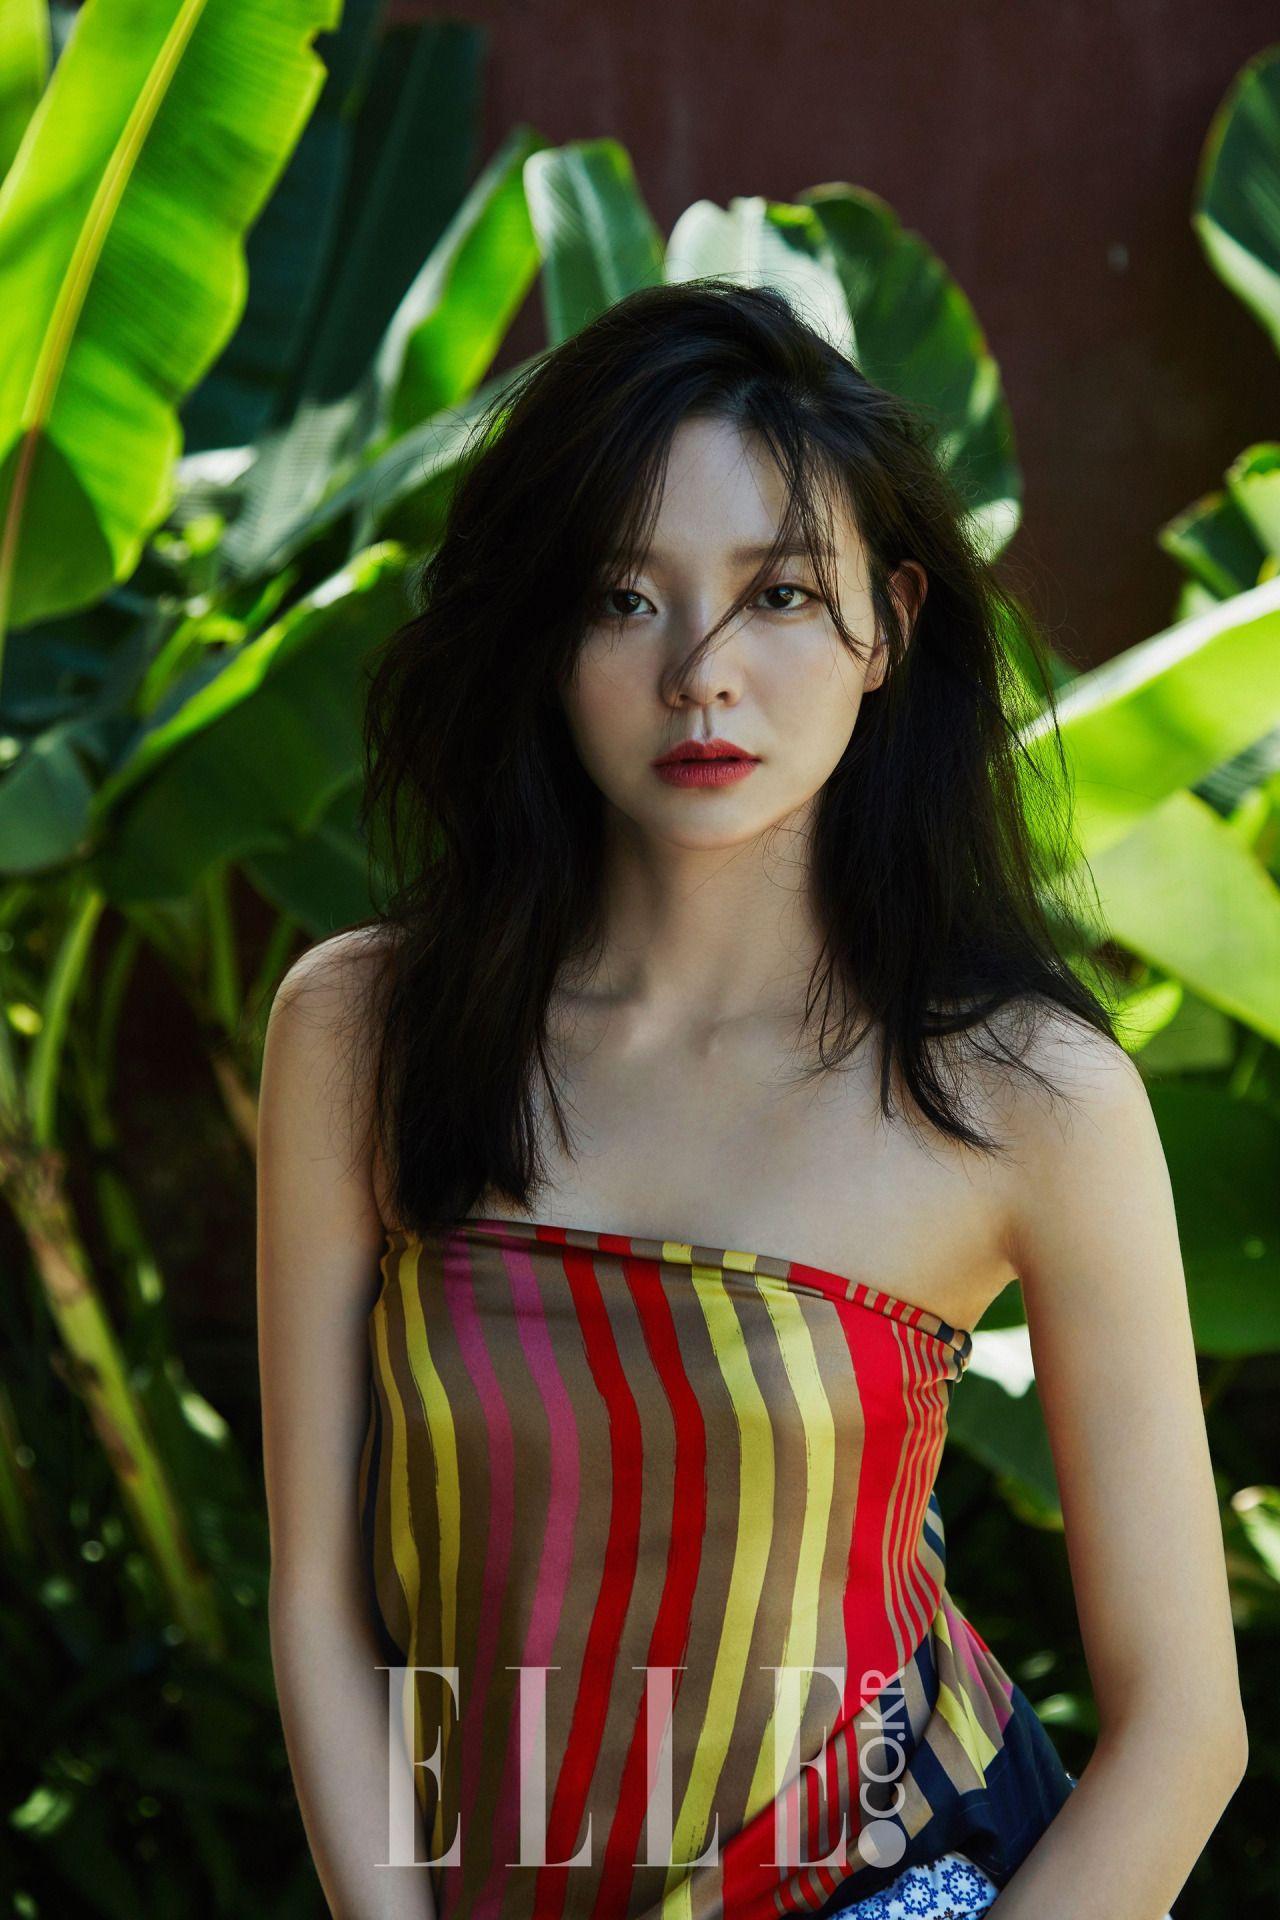 Lee Kwang Soo cùng dàn tài tử, mỹ nhân Hàn đình đám sắp đến Việt Nam và thậm chí còn quảng bá? - Ảnh 3.